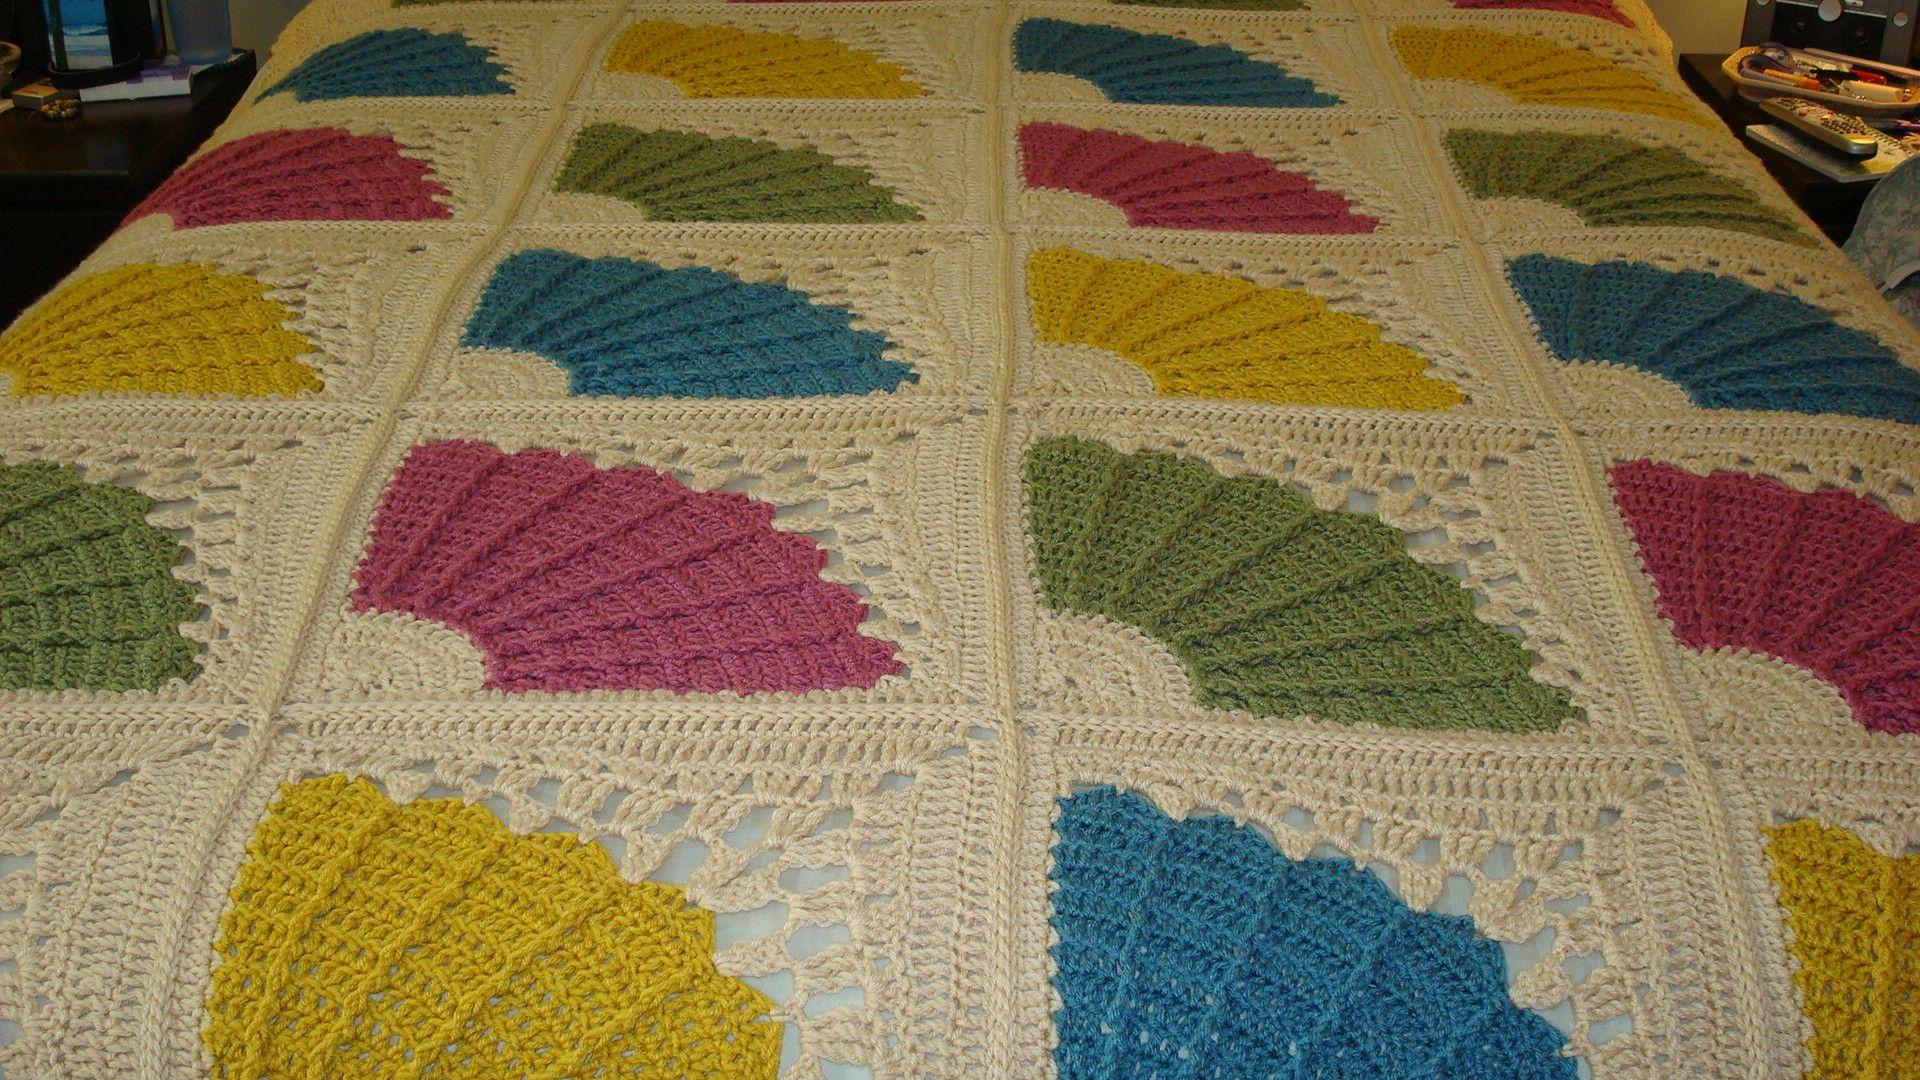 Knitting Afghan Patterns Pinterest : Crochet Fan Afghan crochet/knit Pinterest